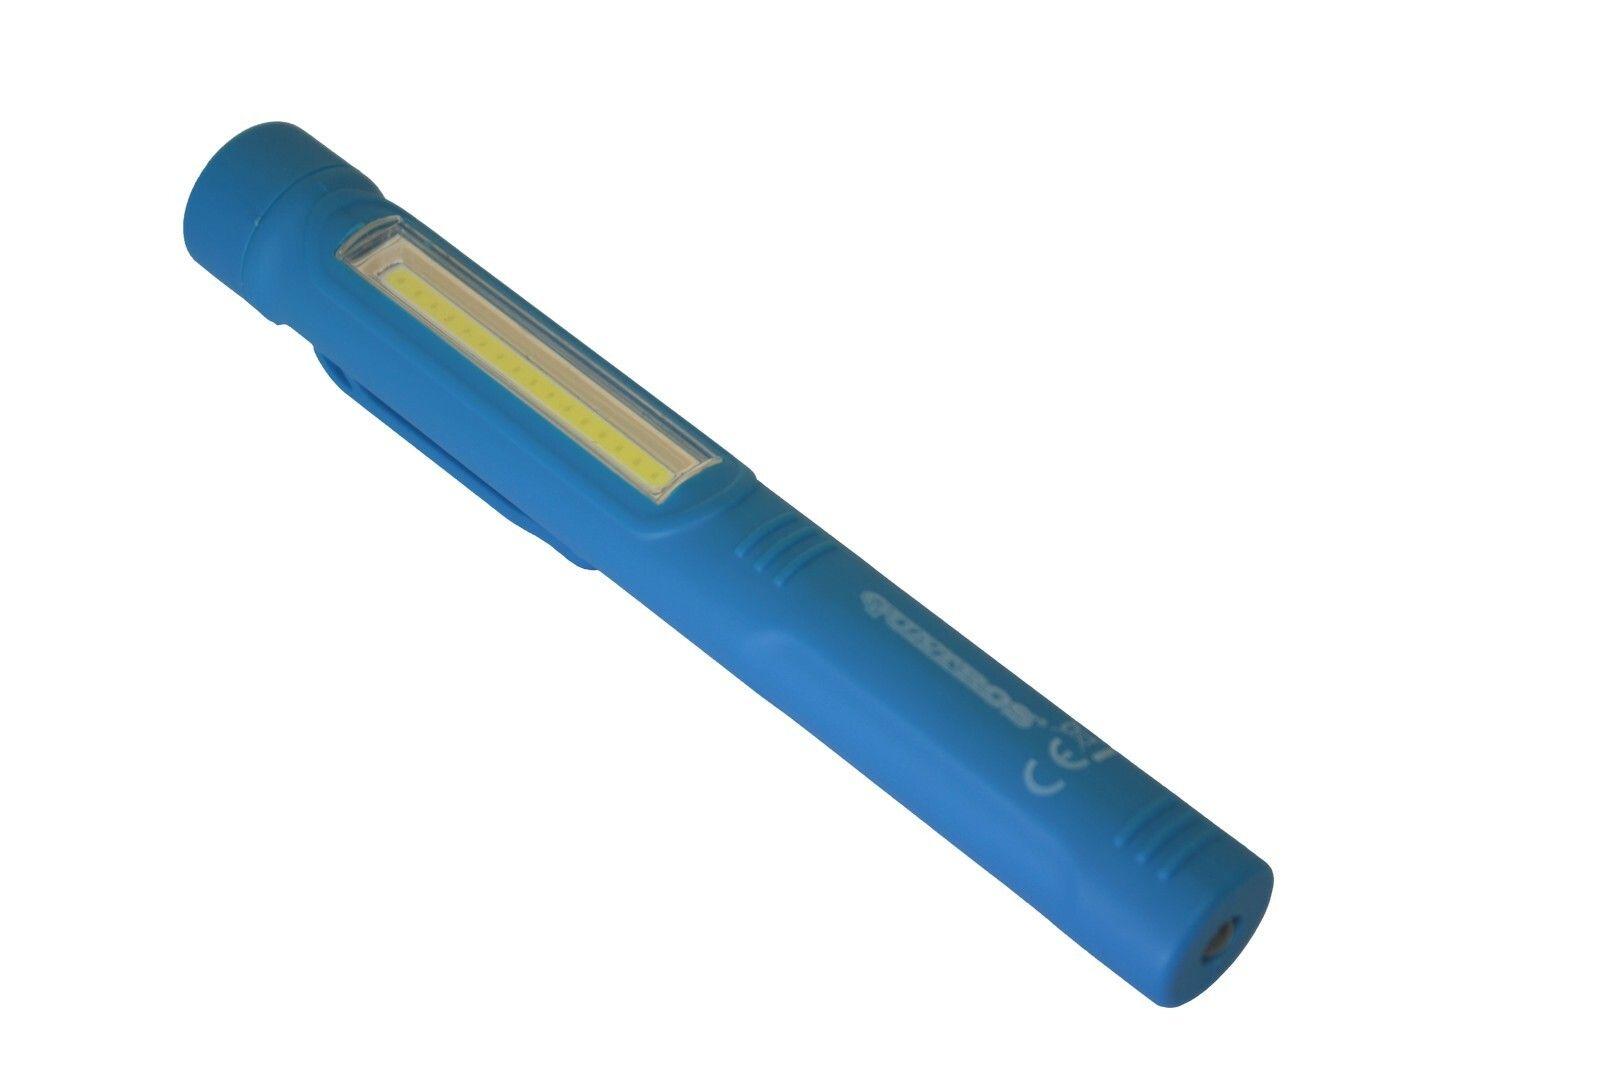 Kapesní inspekční svítilna 1.5W LED COB, tužková